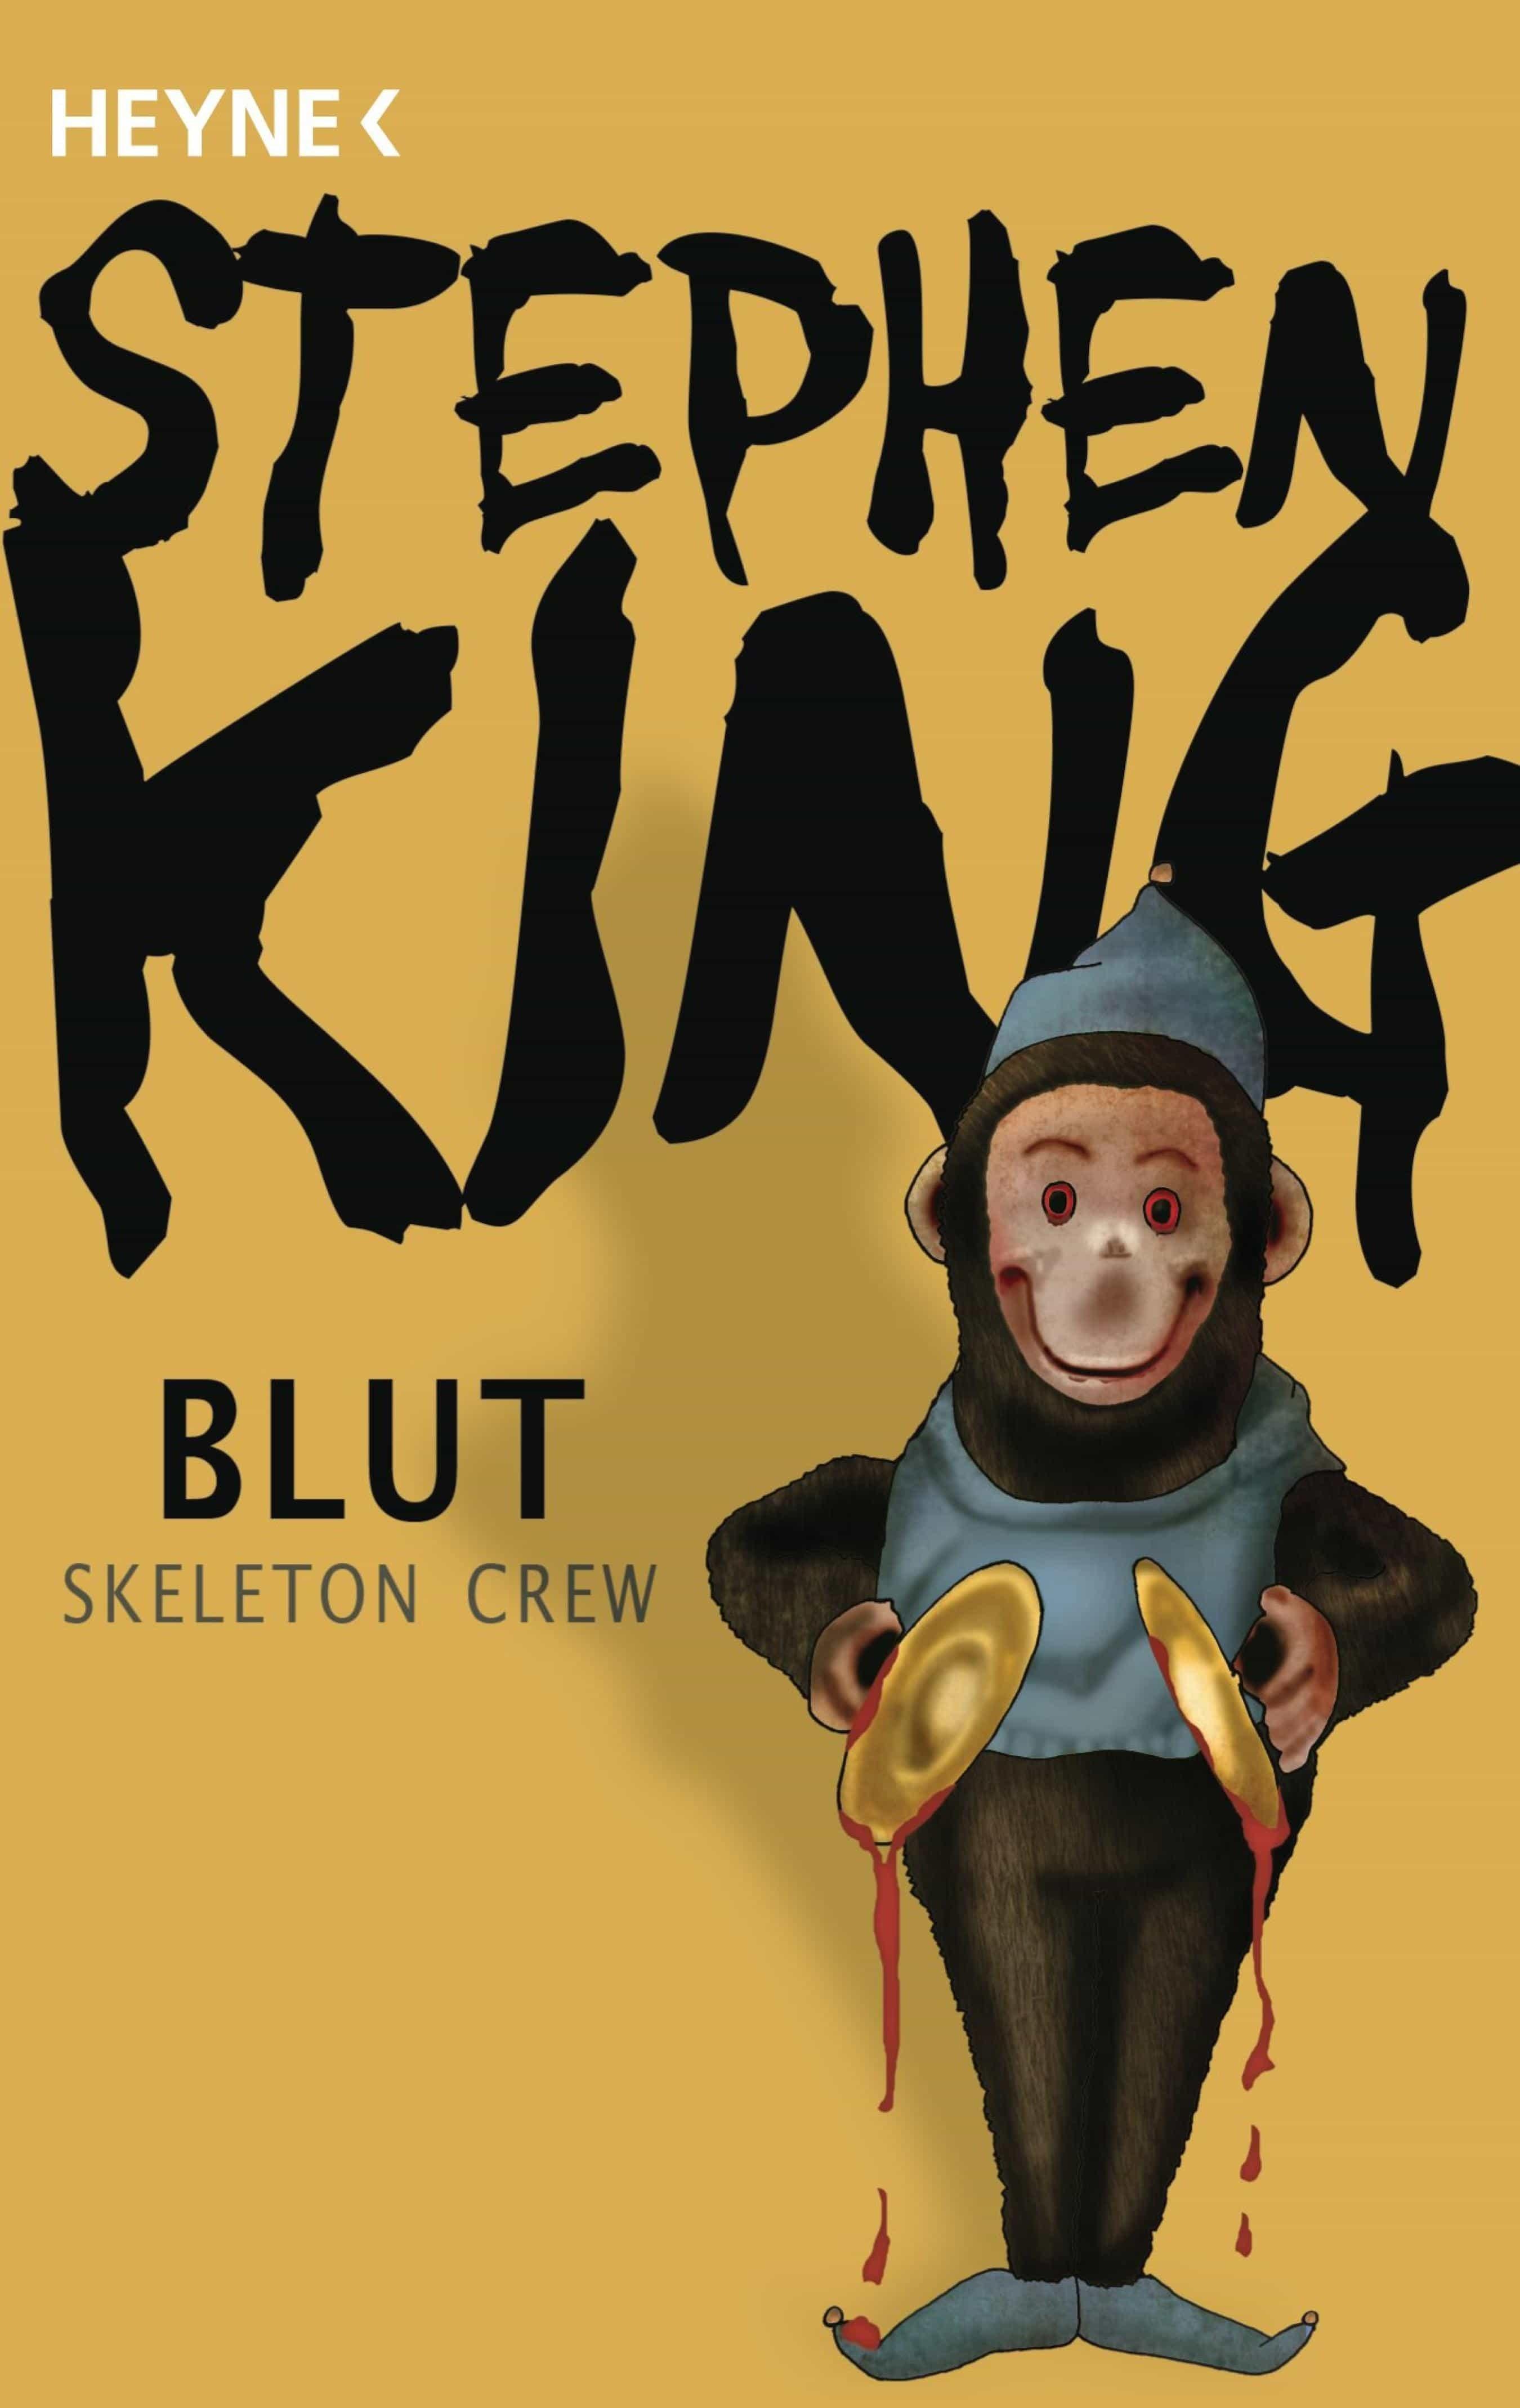 Crew king pdf stephen skeleton